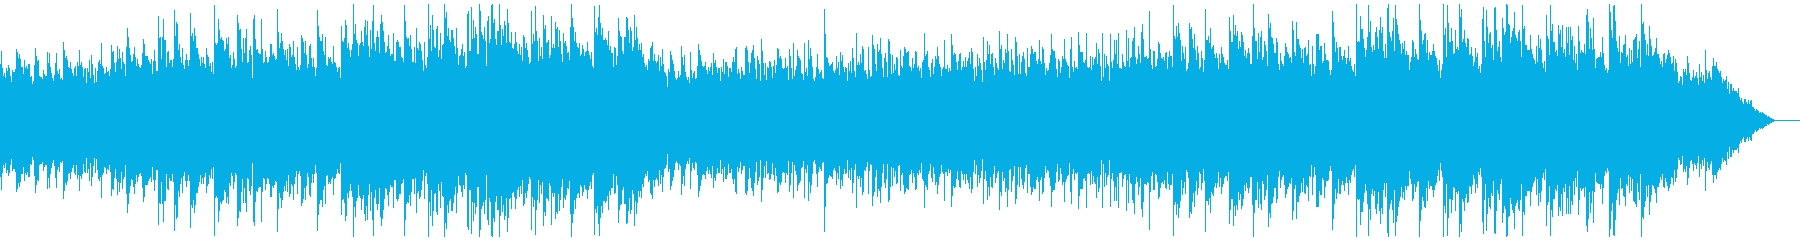 お洒落で癒されるエレクトロニカの再生済みの波形